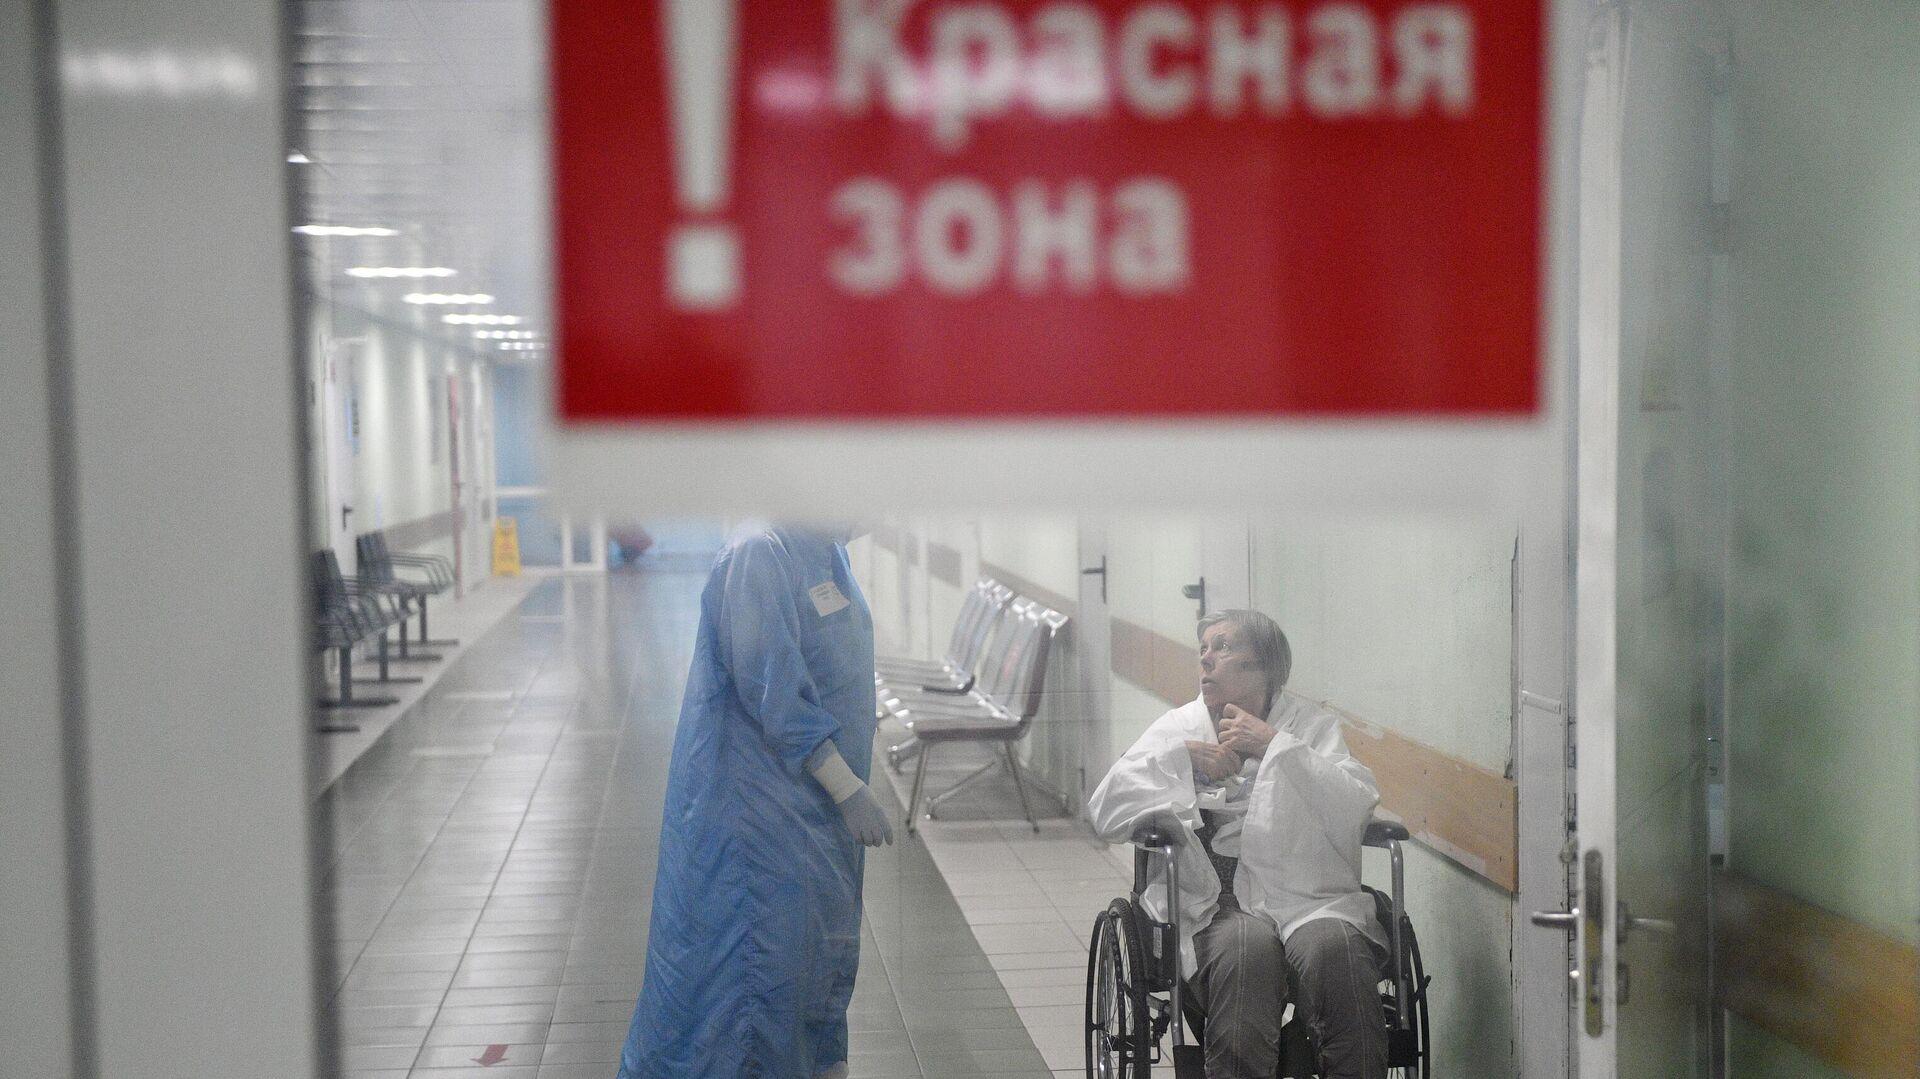 Медицинский работник и пациент в красной зоне ковид-госпиталя, организованного в городской клинической больнице №15 имени О. М. Филатова в Москве - РИА Новости, 1920, 10.11.2020